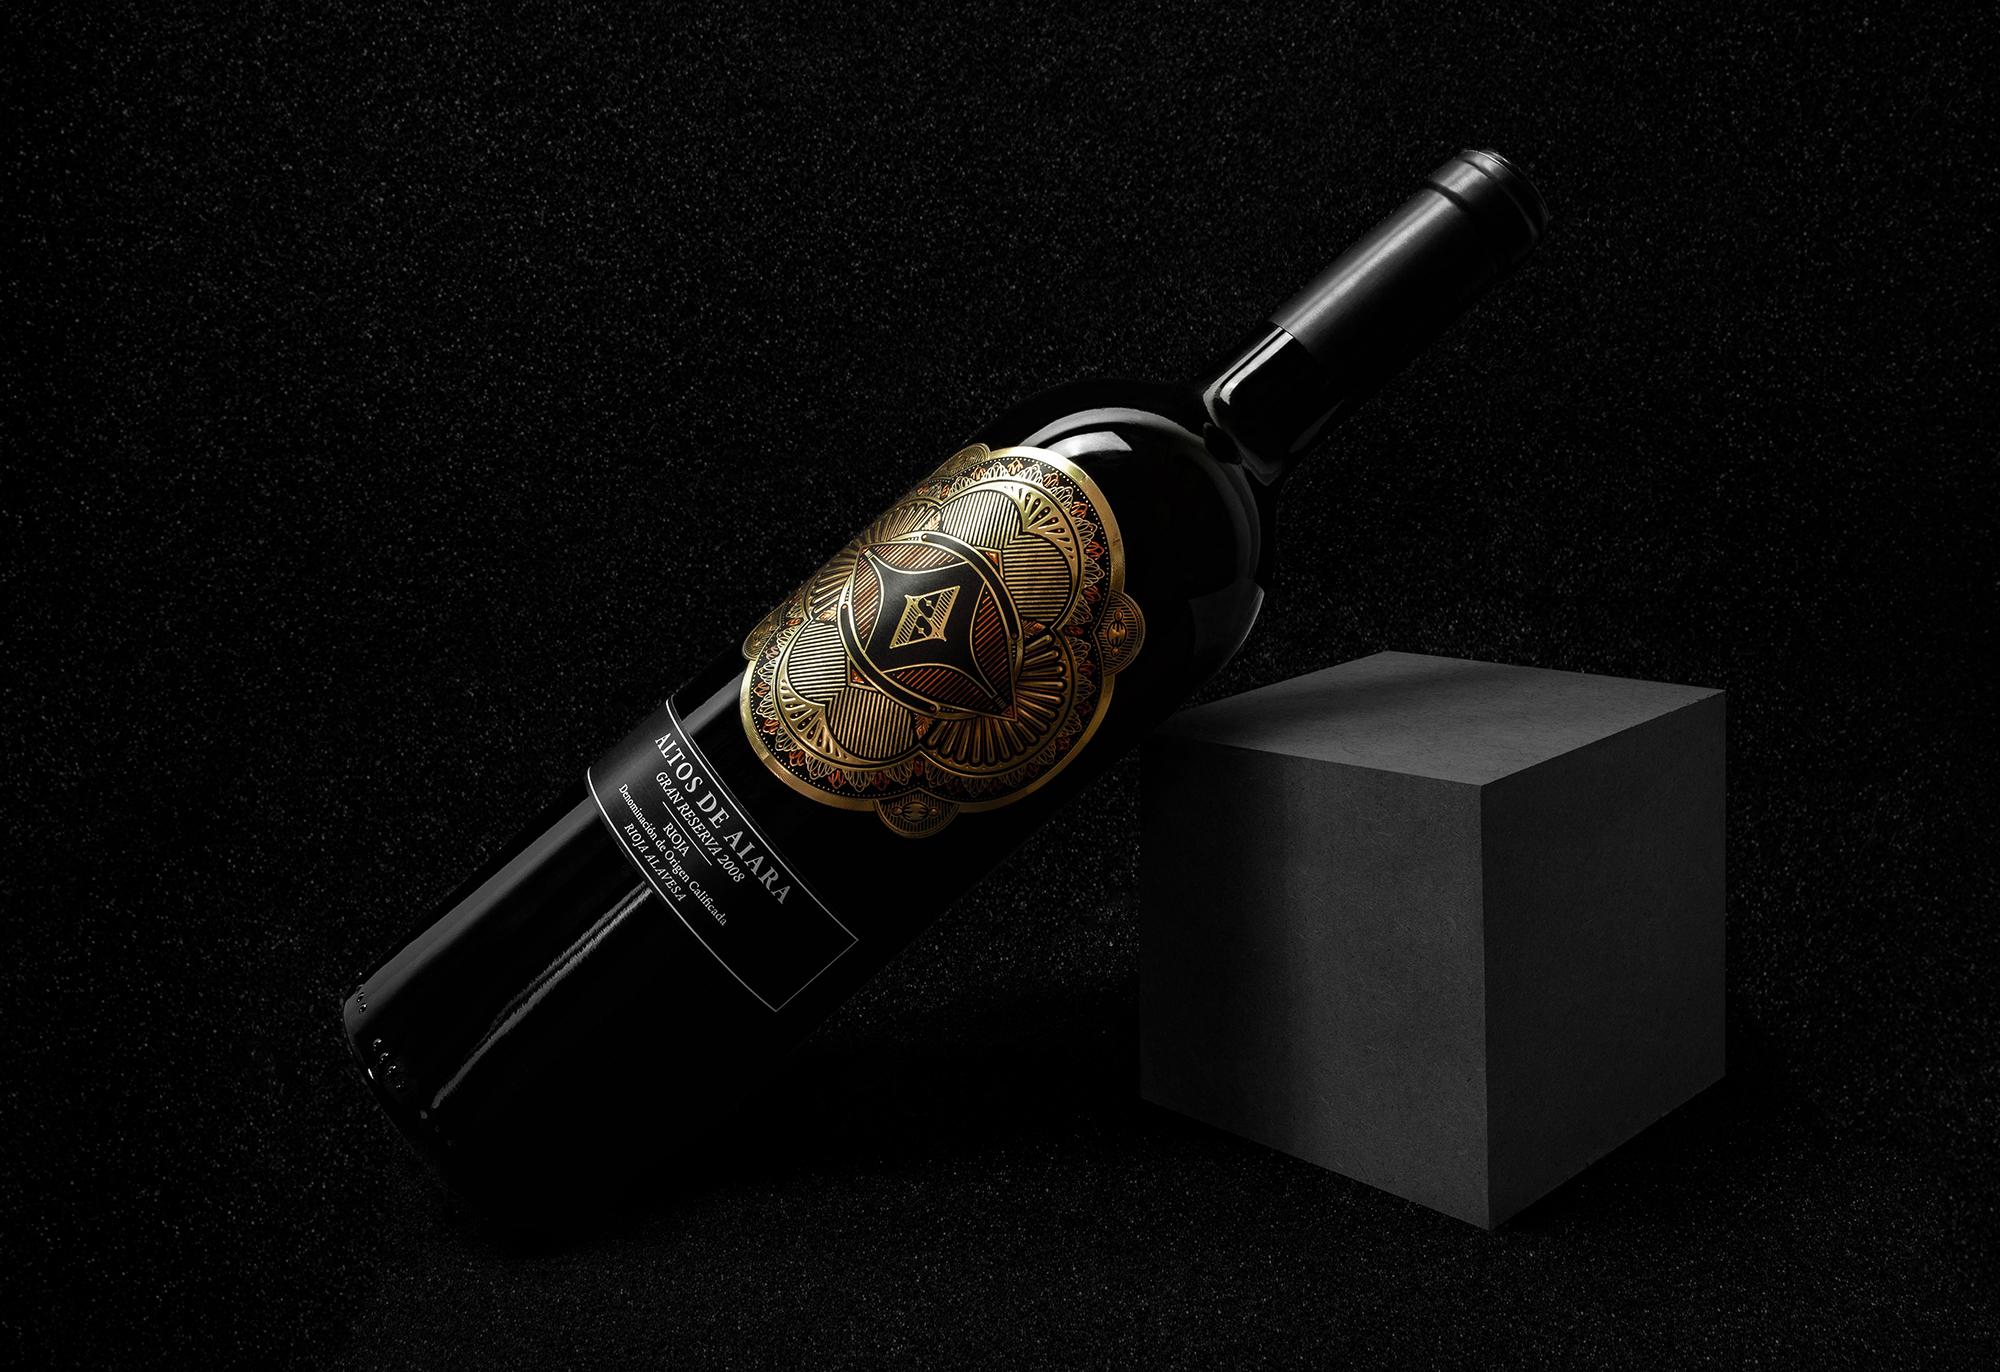 Fotografía del diseño de la etiqueta de vino gran reserva Altos de Aiara, La guardia